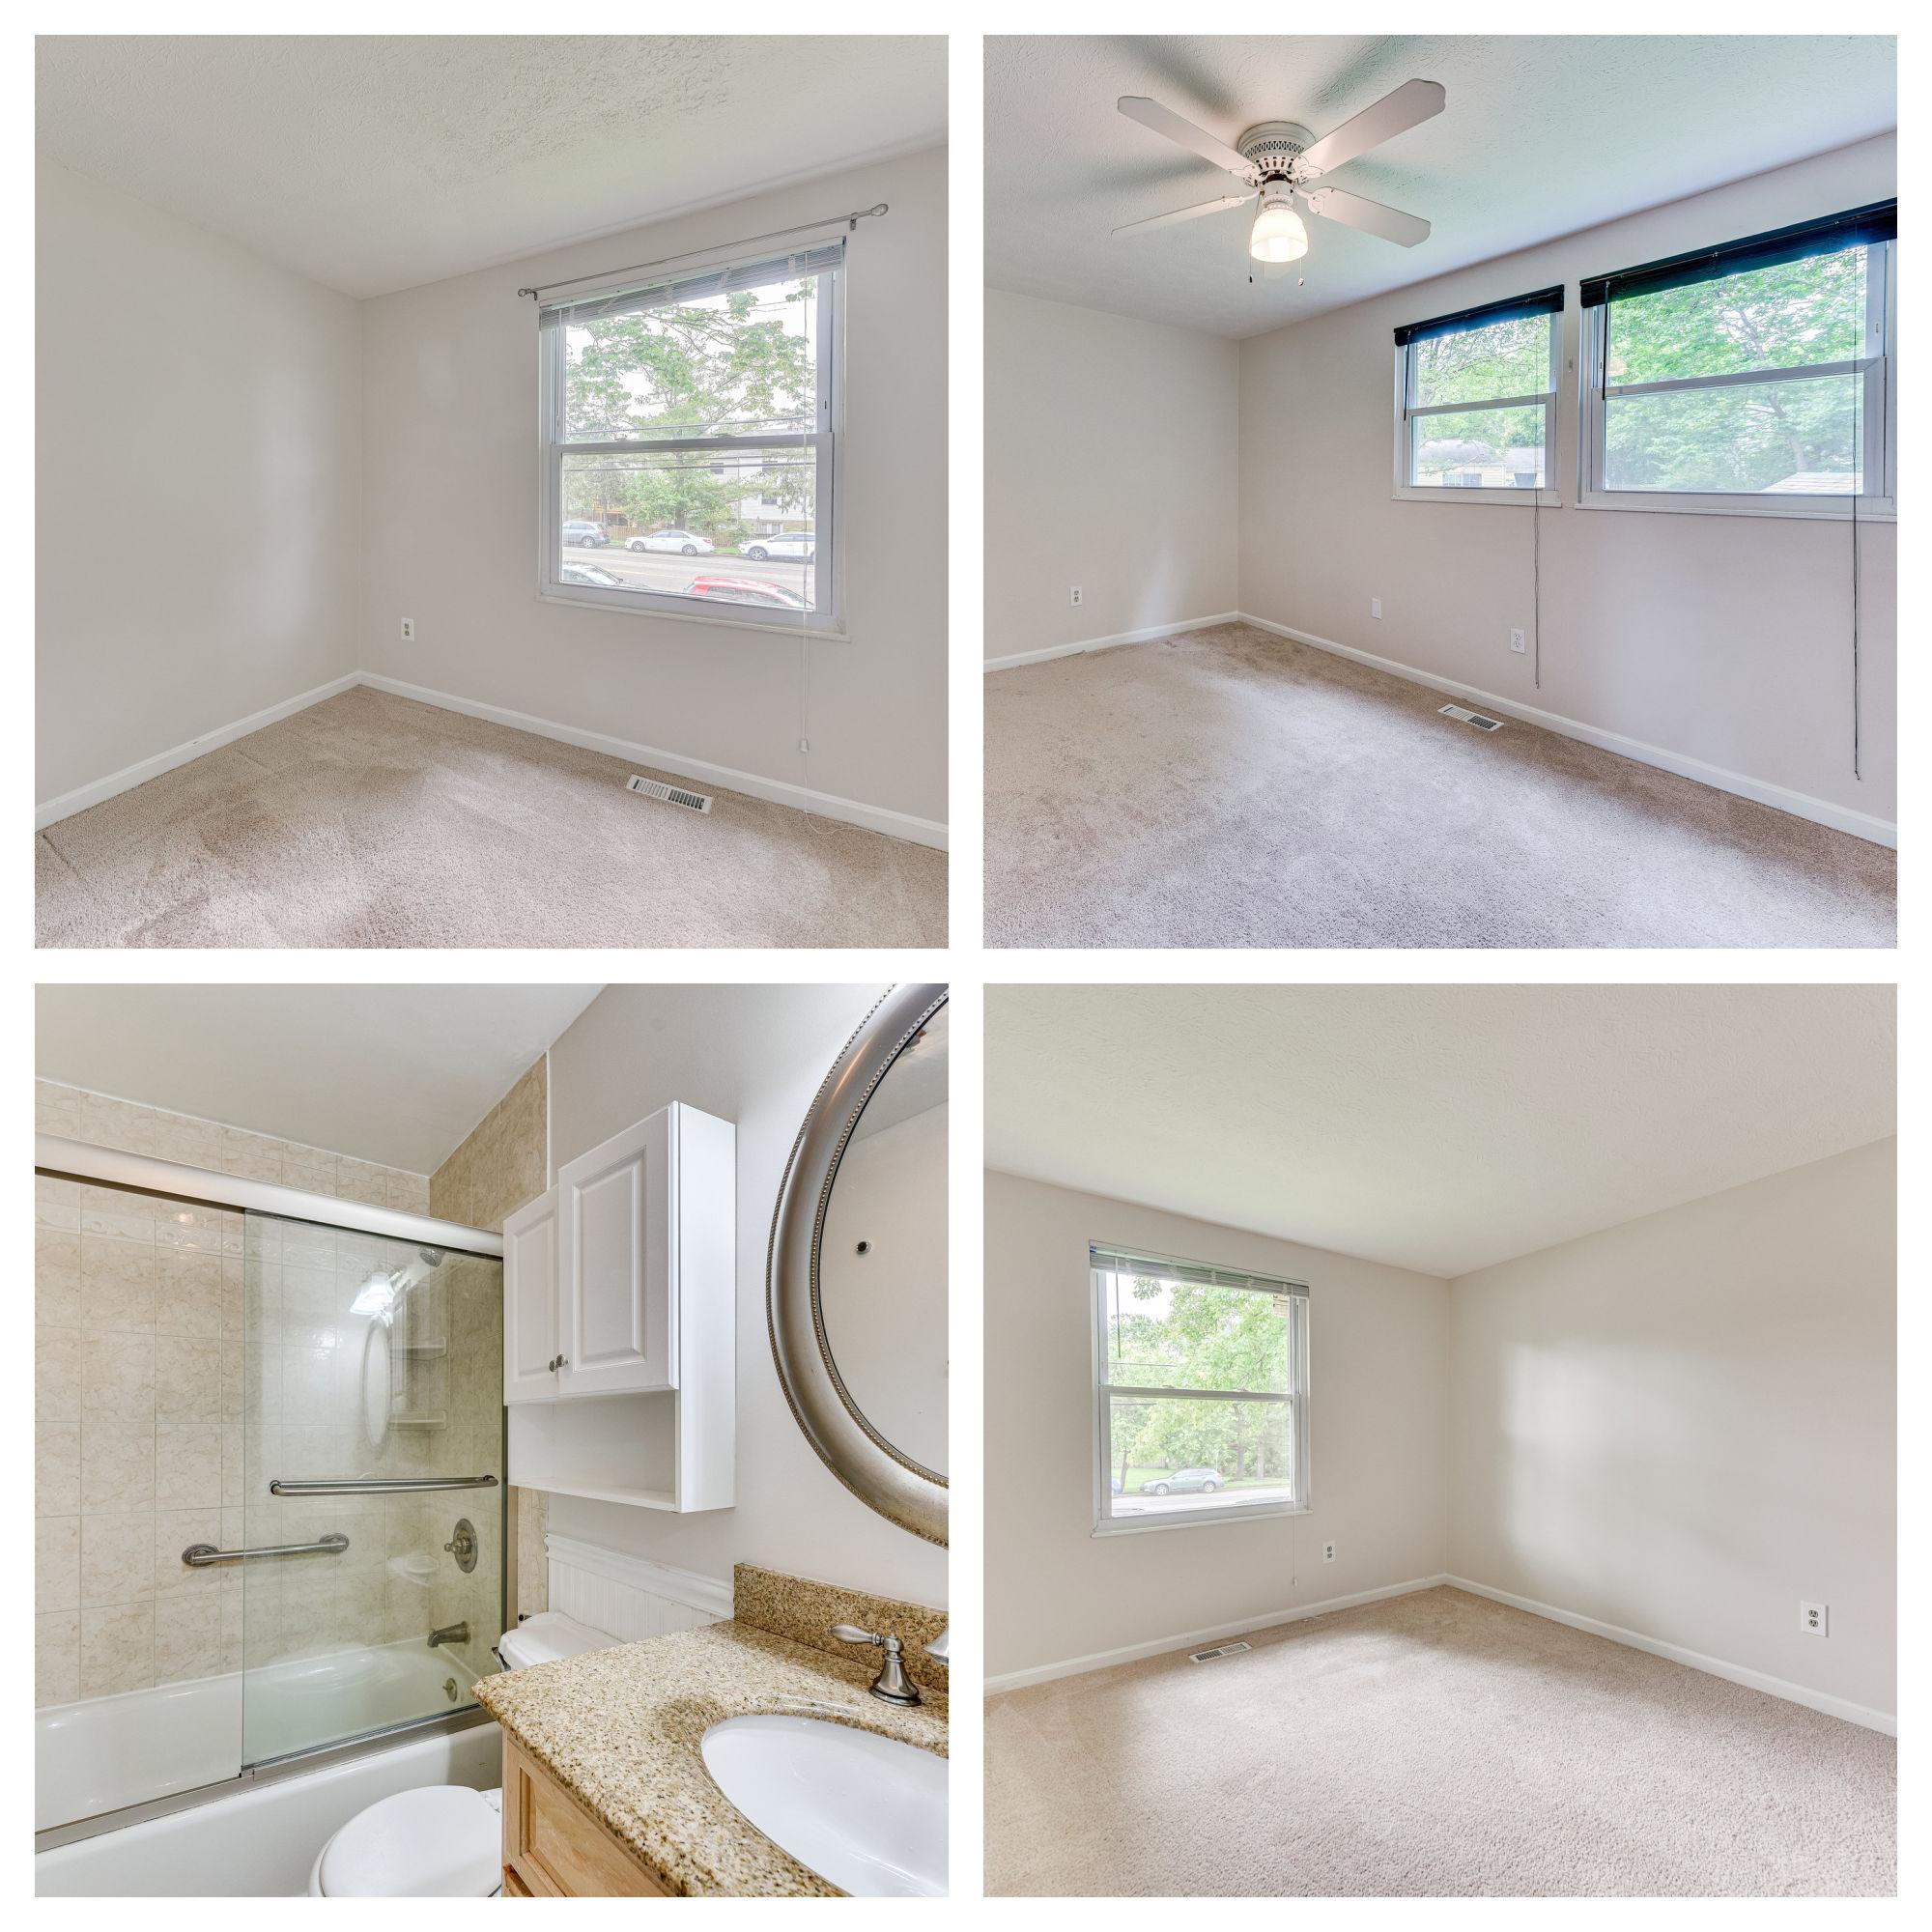 9208 Burke Rd, Burke- Bedrooms and Bathroom